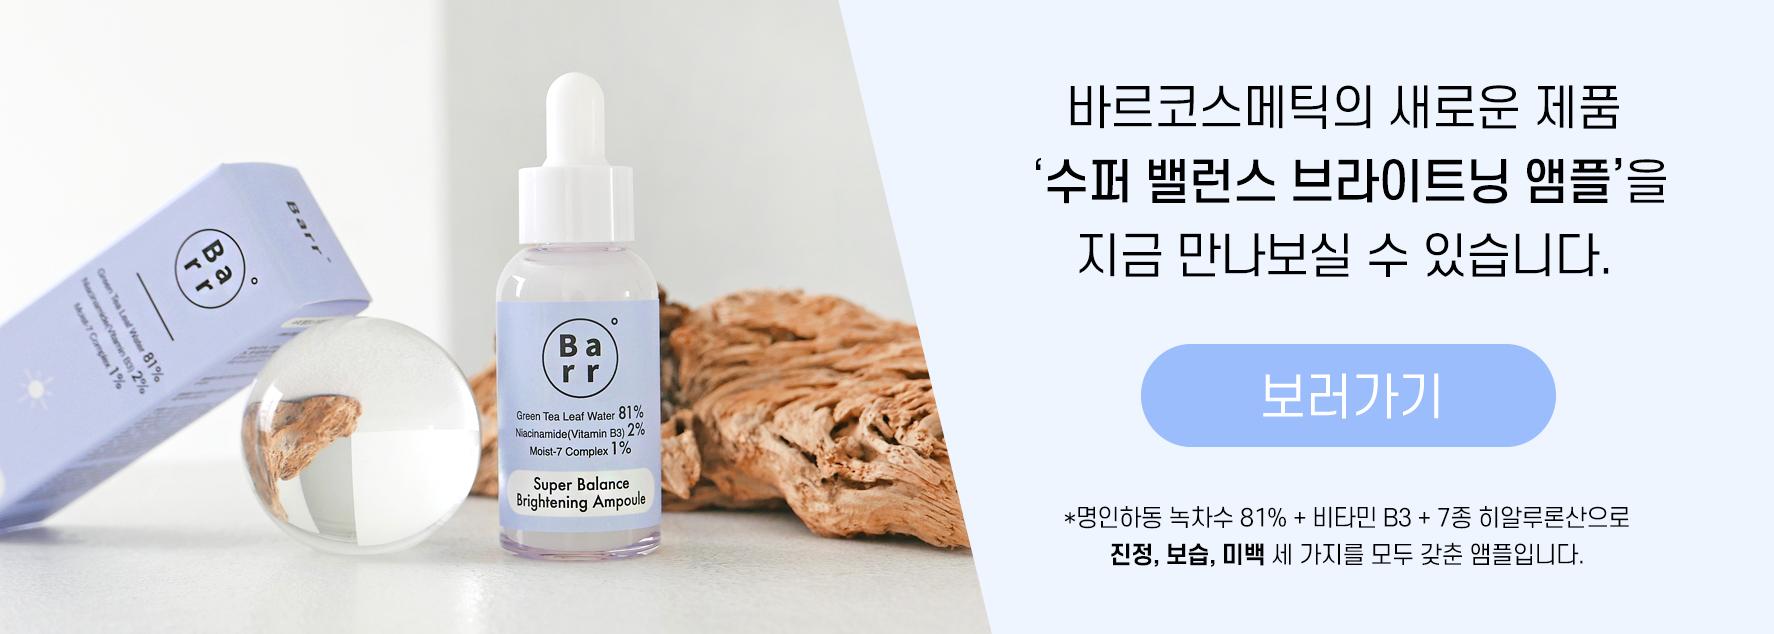 바르의 새로운 제품 '순한 미백 앰플' 보러가기!